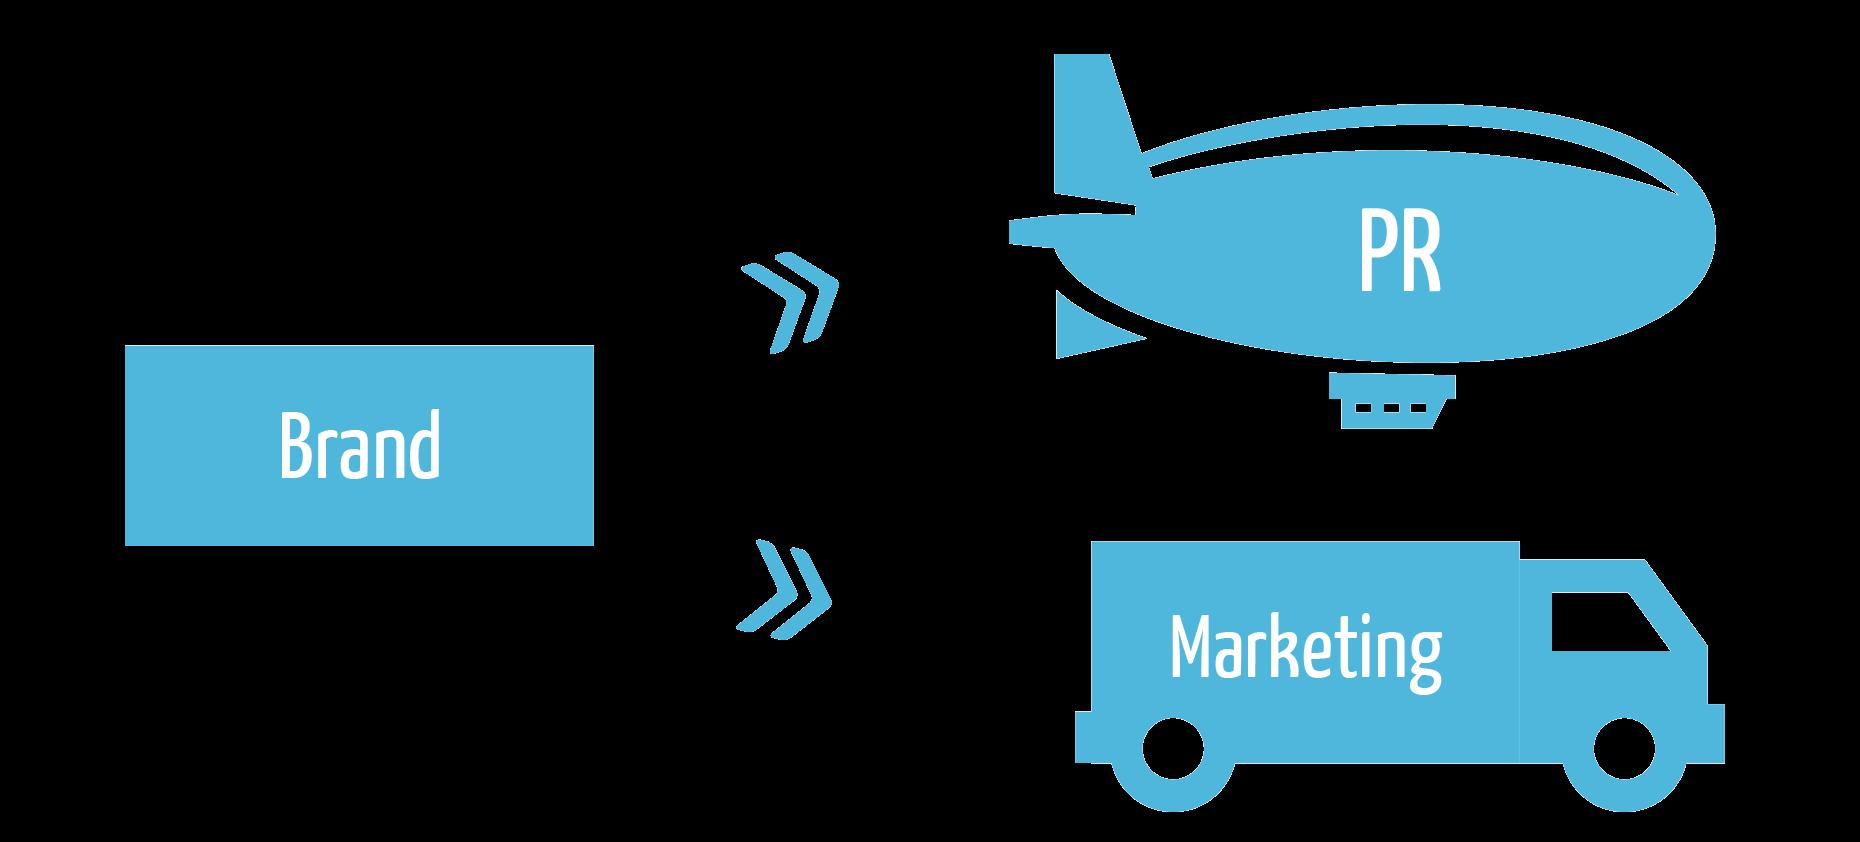 brand-management-version-2-02